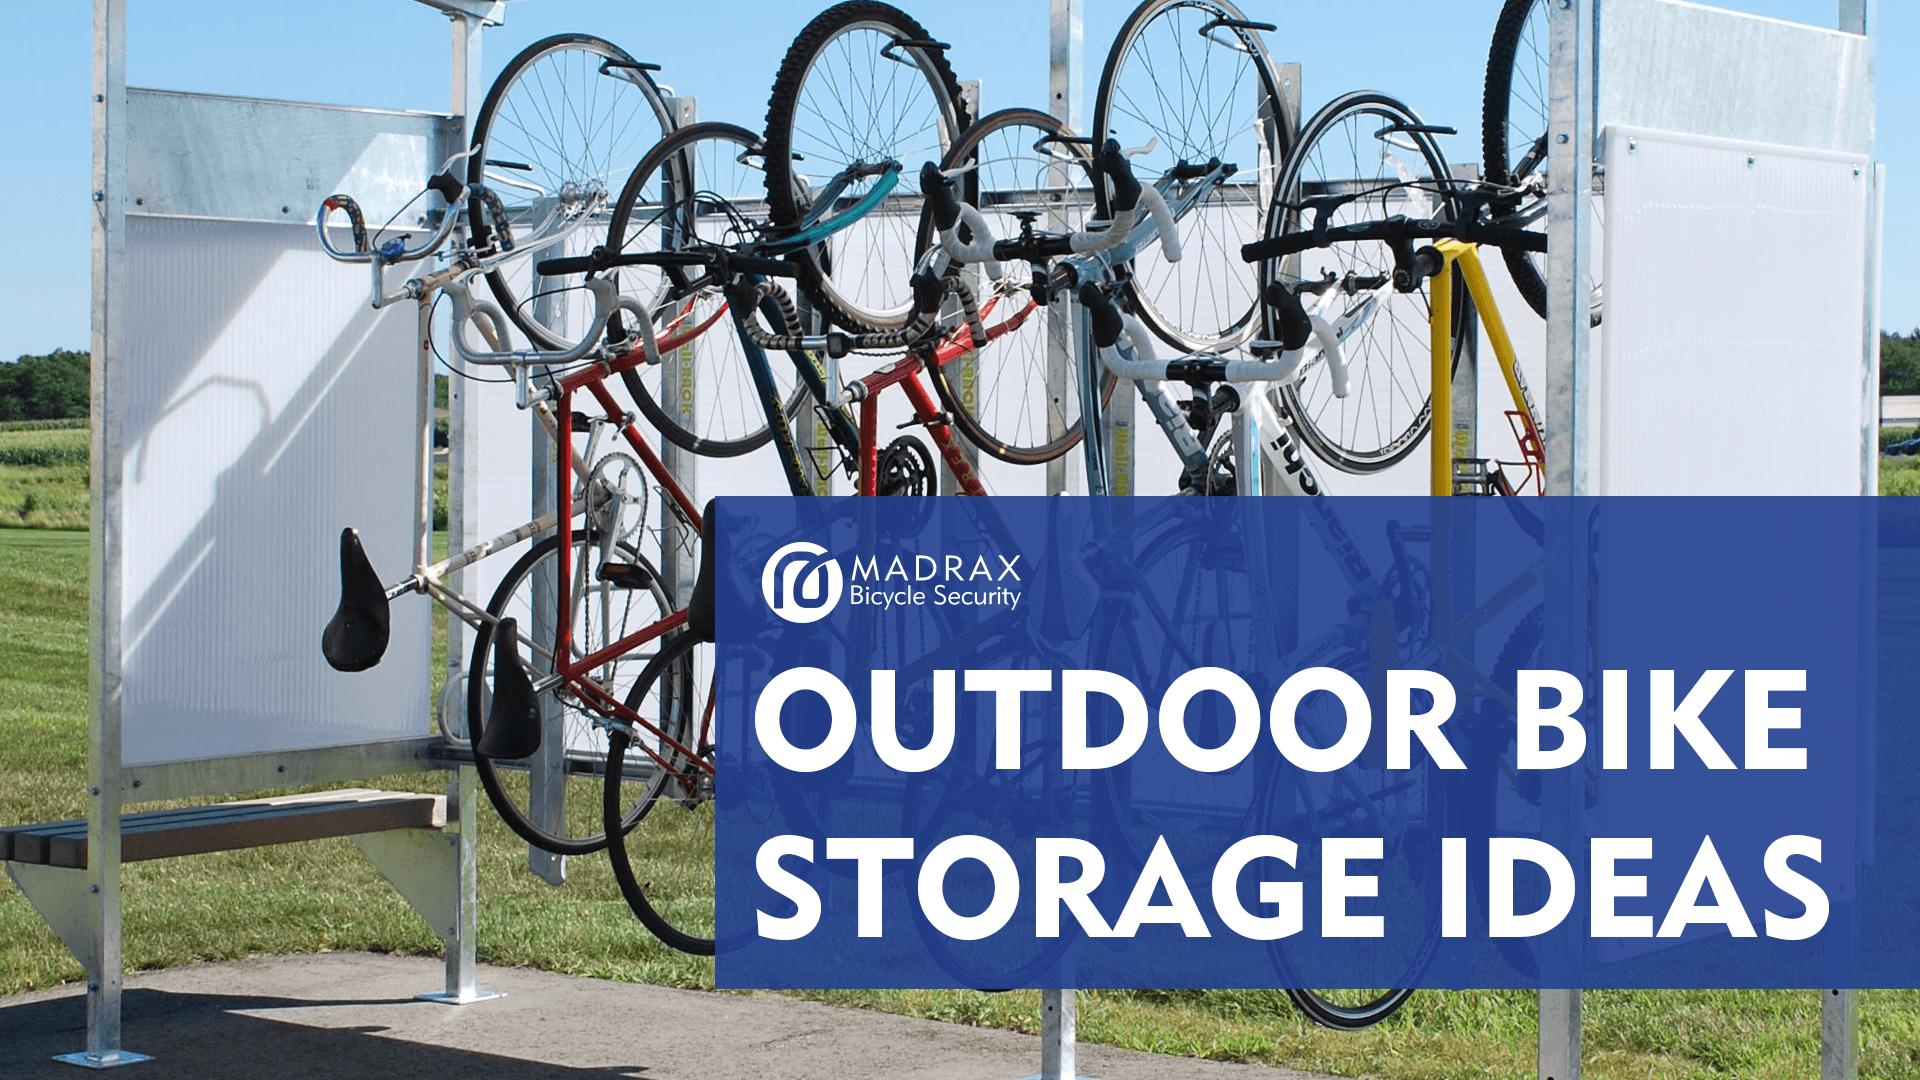 Outdoor Bike Storage Ideas Website